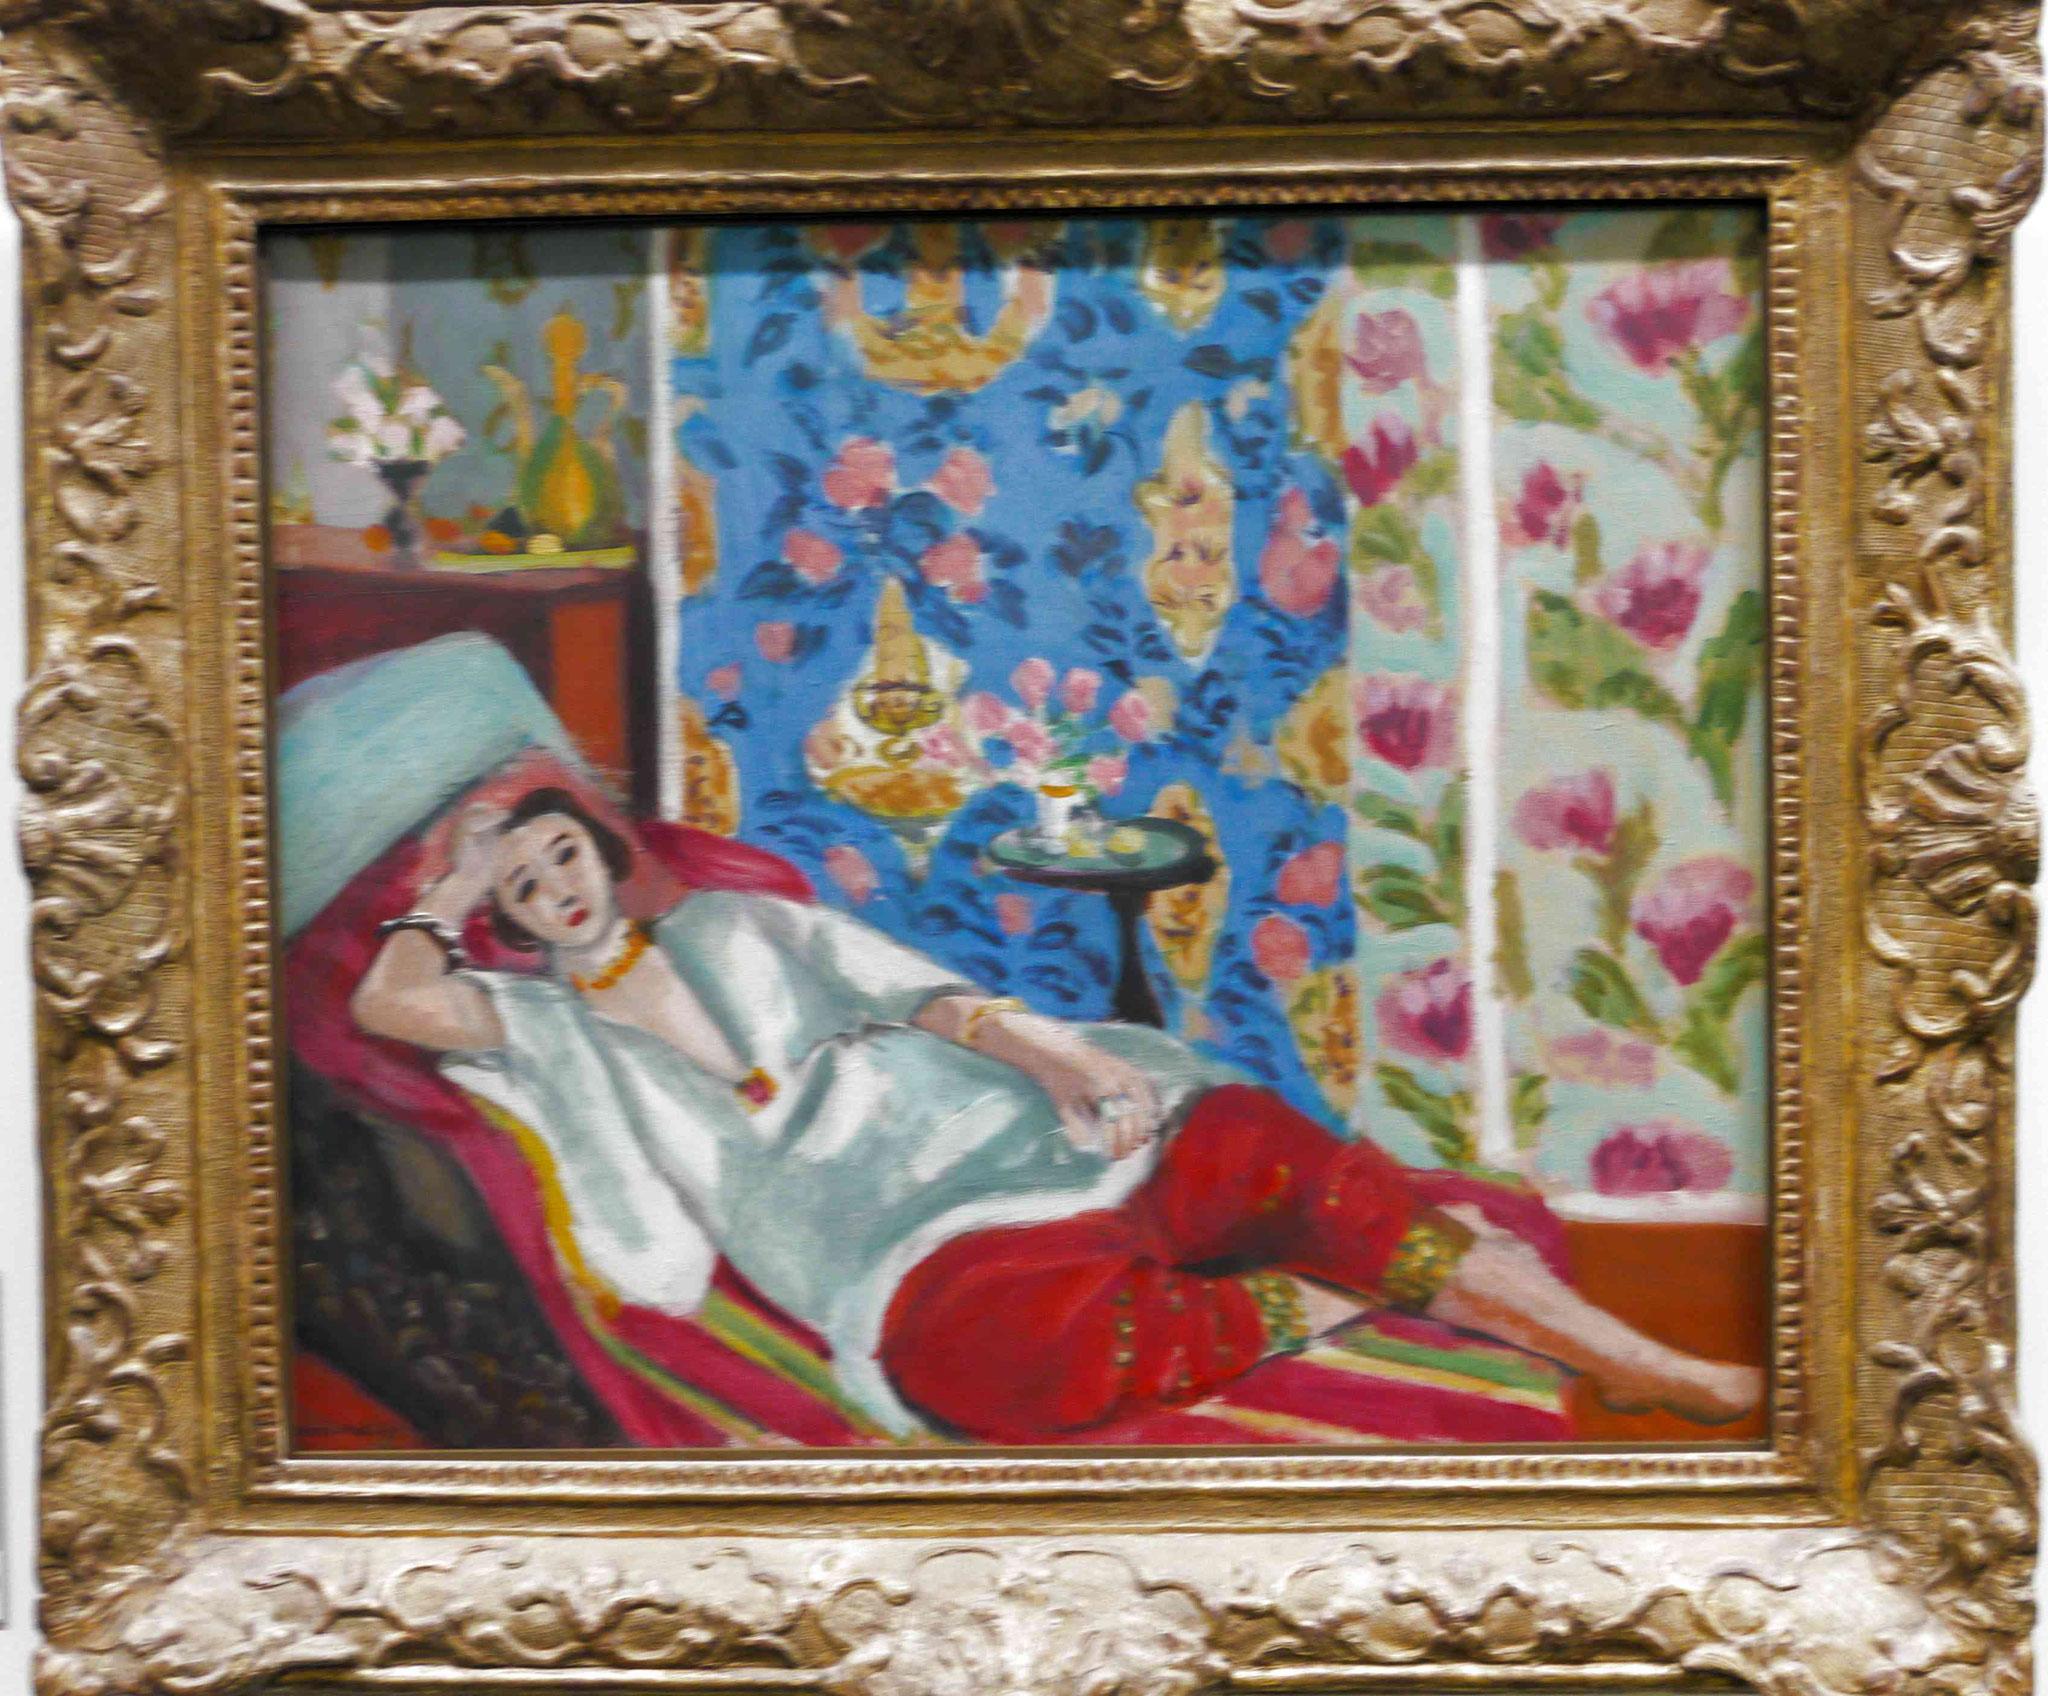 Henri Matisse, Musée National de l'Orangerie, Paris